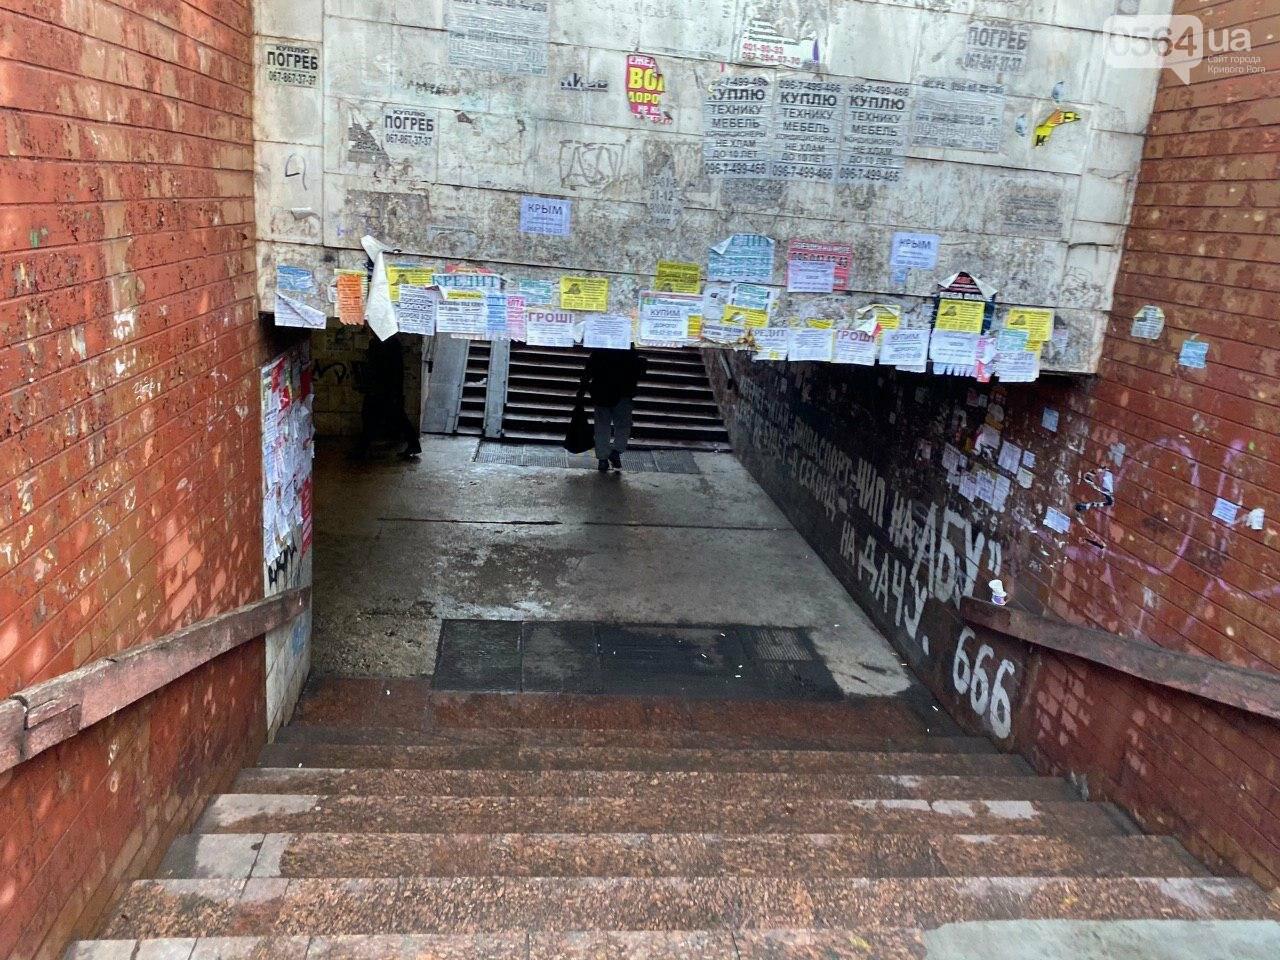 Как выглядит после ремонта переход в центре Кривого Рога, - ФОТО , фото-13